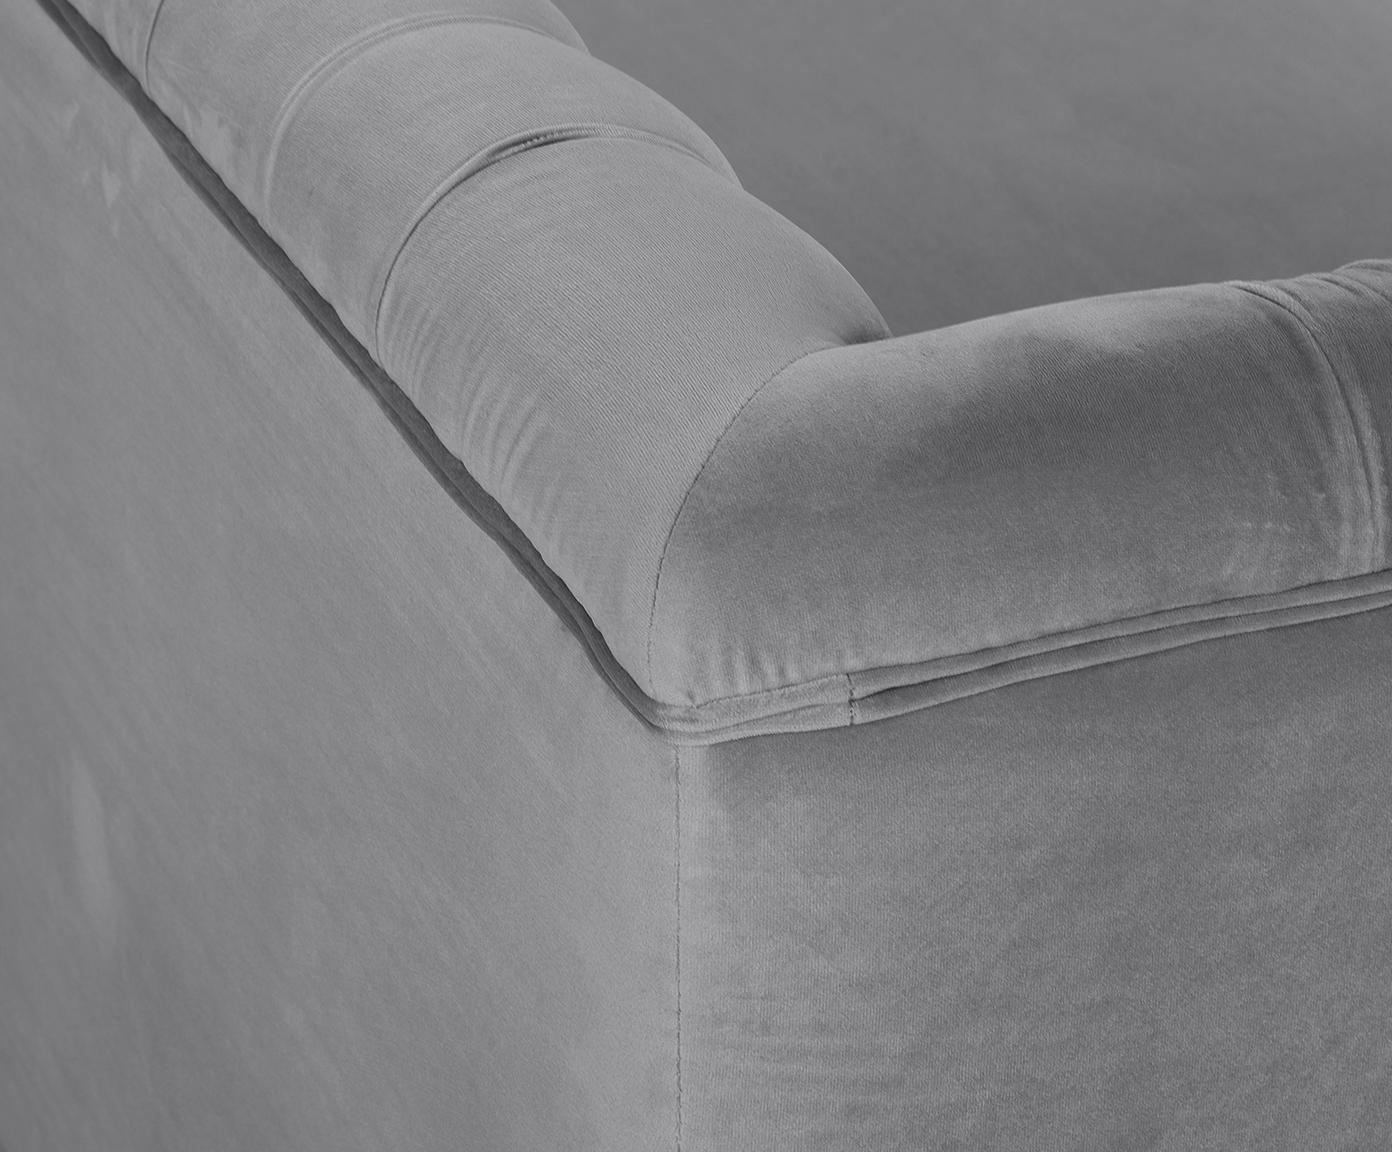 Sofa Chesterfield z aksamitu Chiara (2-osobowa), Tapicerka: aksamit (poliester) 20 00, Stelaż: lite drewno brzozowe, Nogi: metal galwanizowany, Szary, matowy, S 170 x G 72 cm